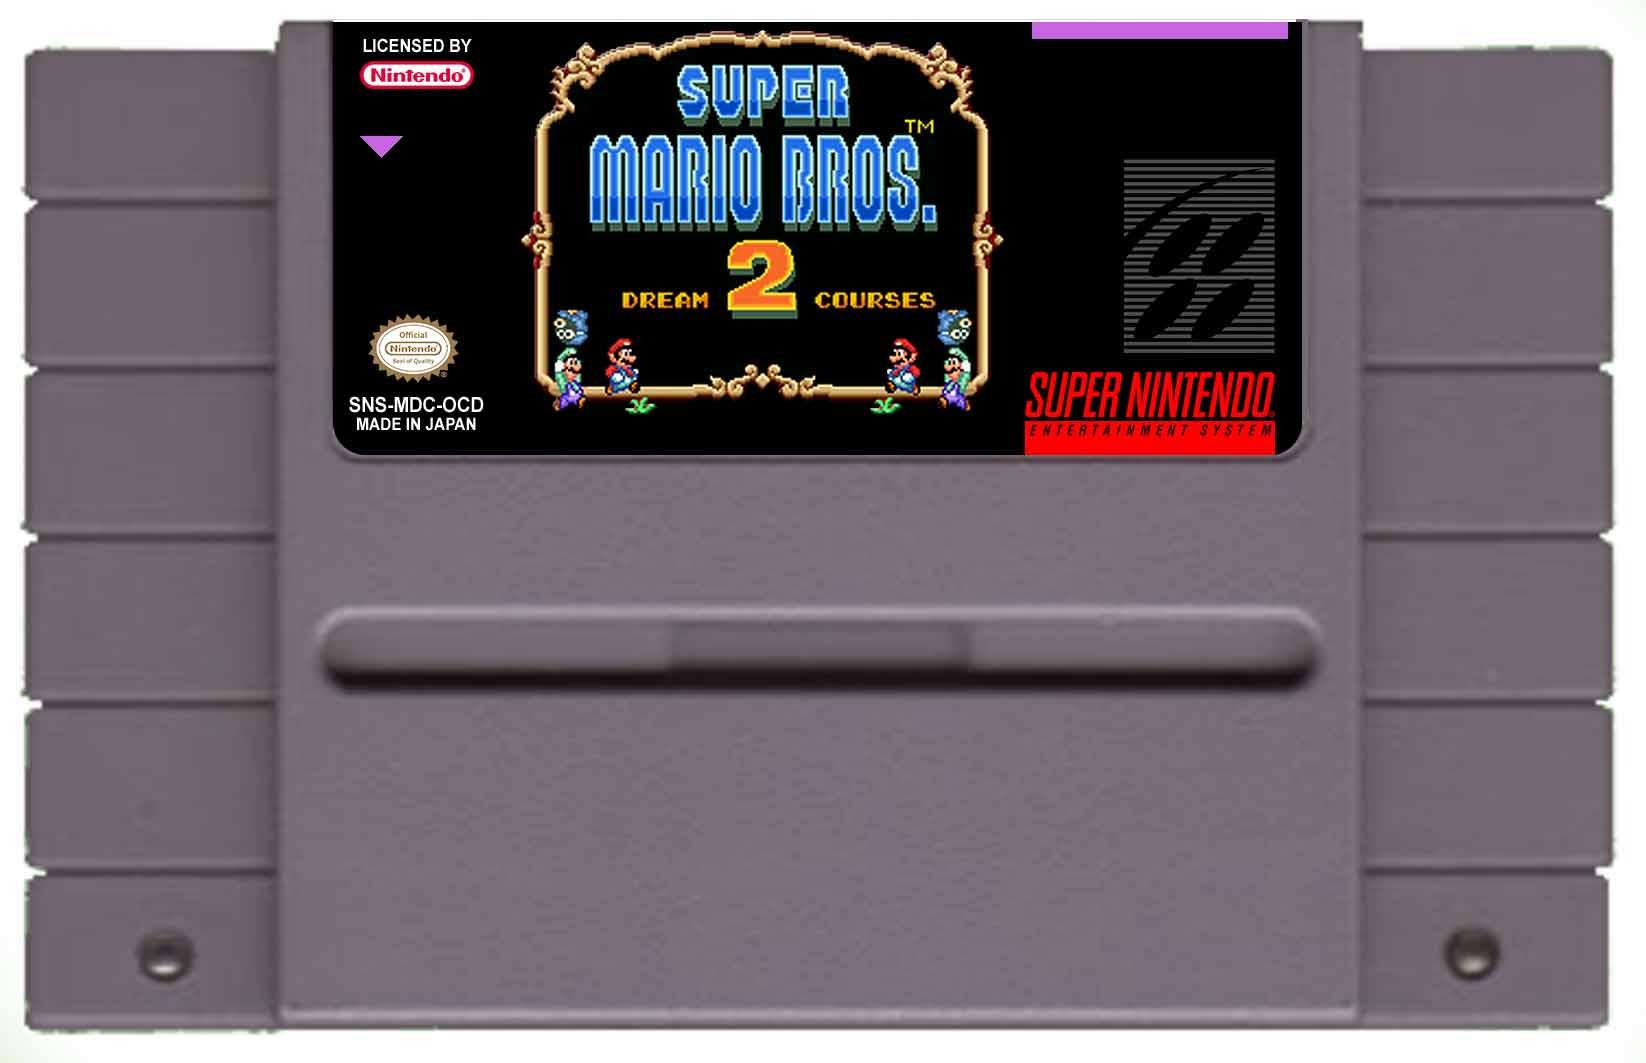 Super Mario Bros 2 Dream Courses